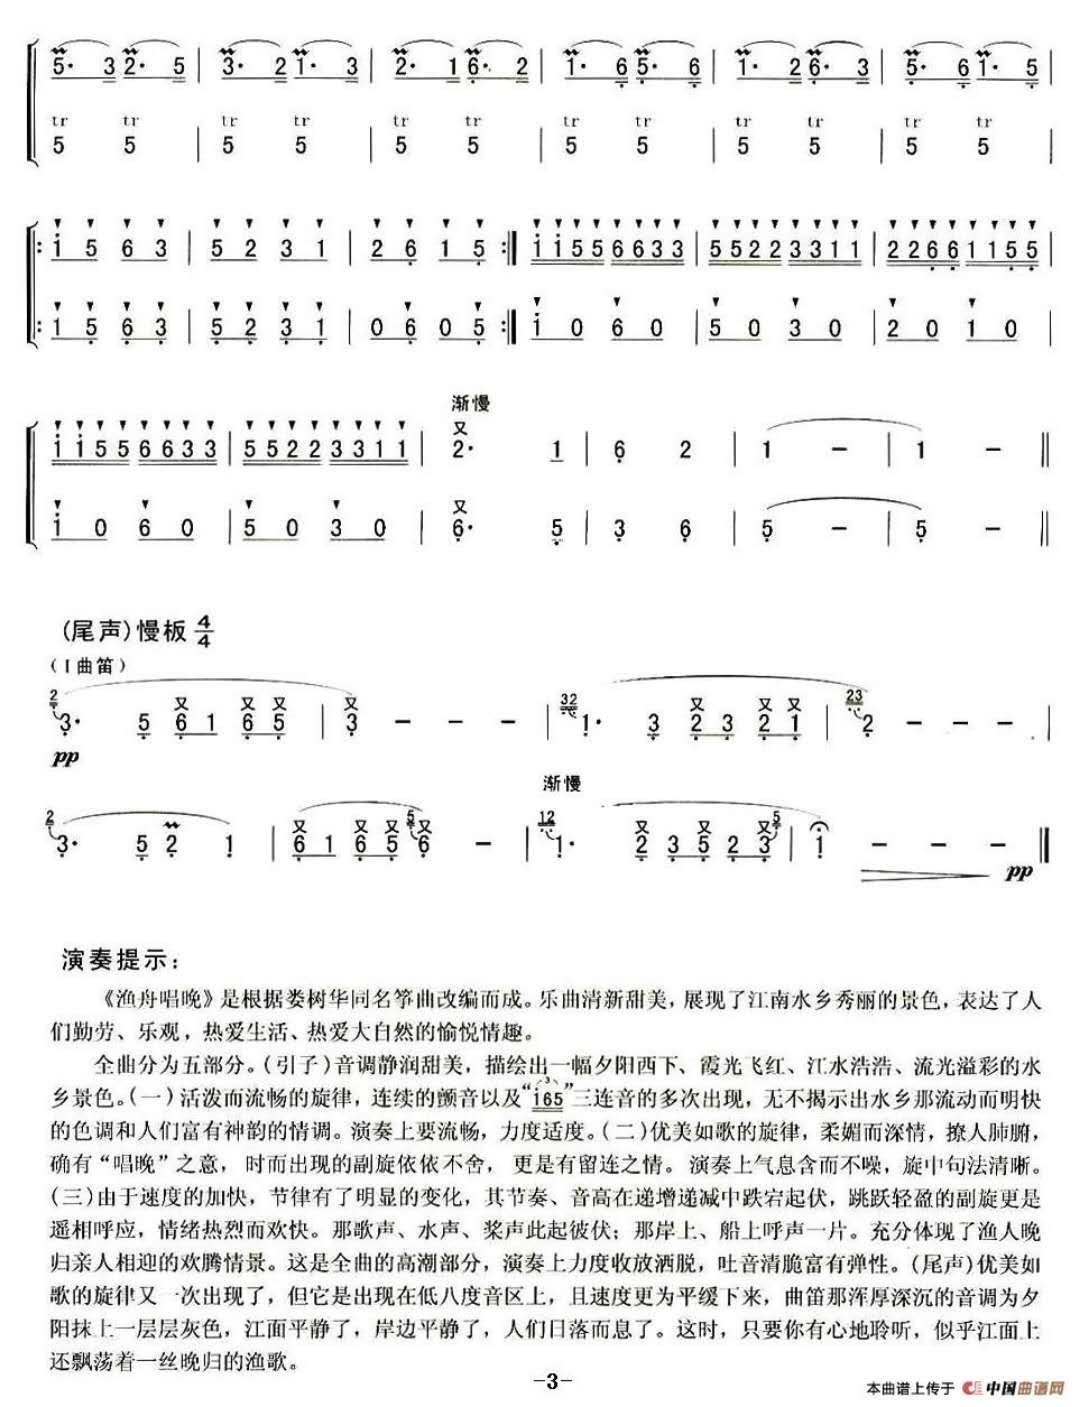 笛子曲|渔舟唱晚 石磊老师笛子独奏  简谱参照